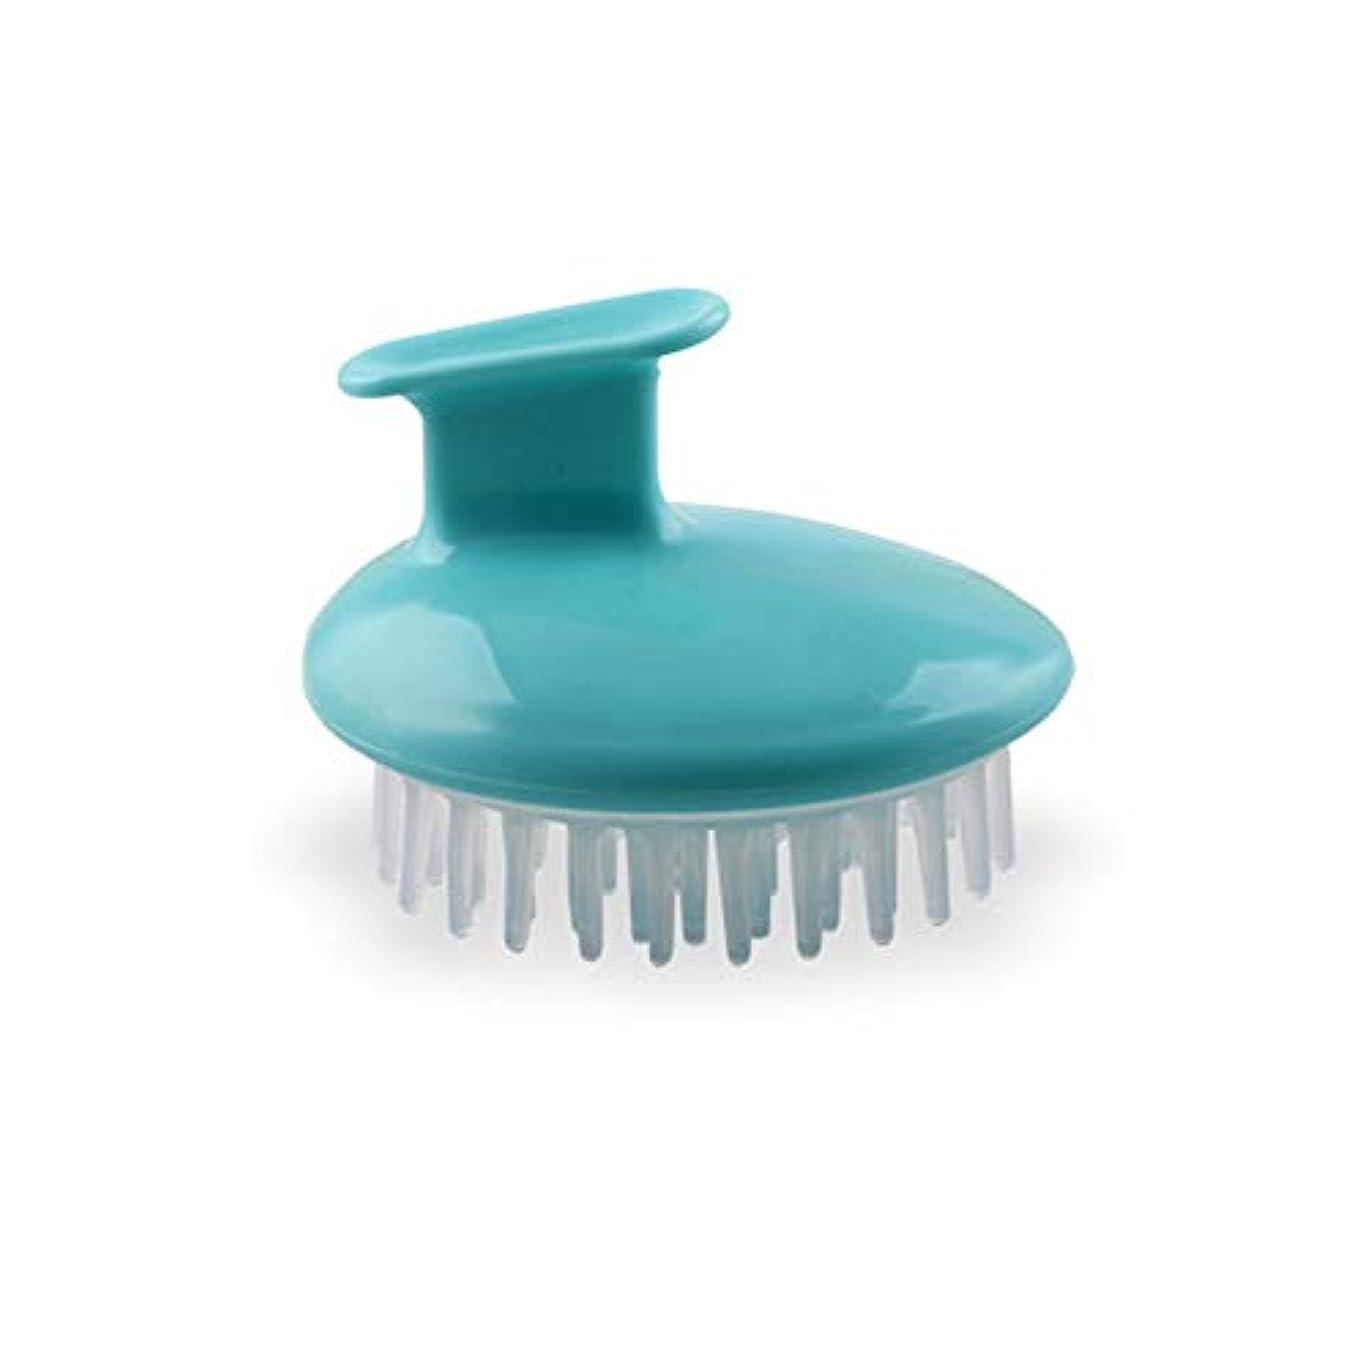 所有権モバイルおとこヘアーコーム シャンプーマッサージコーム - 男性のためのエアバッグマッサージコーム女性と子供 - 簡単にノットをDetangles 理髪の櫛 (色 : 青)